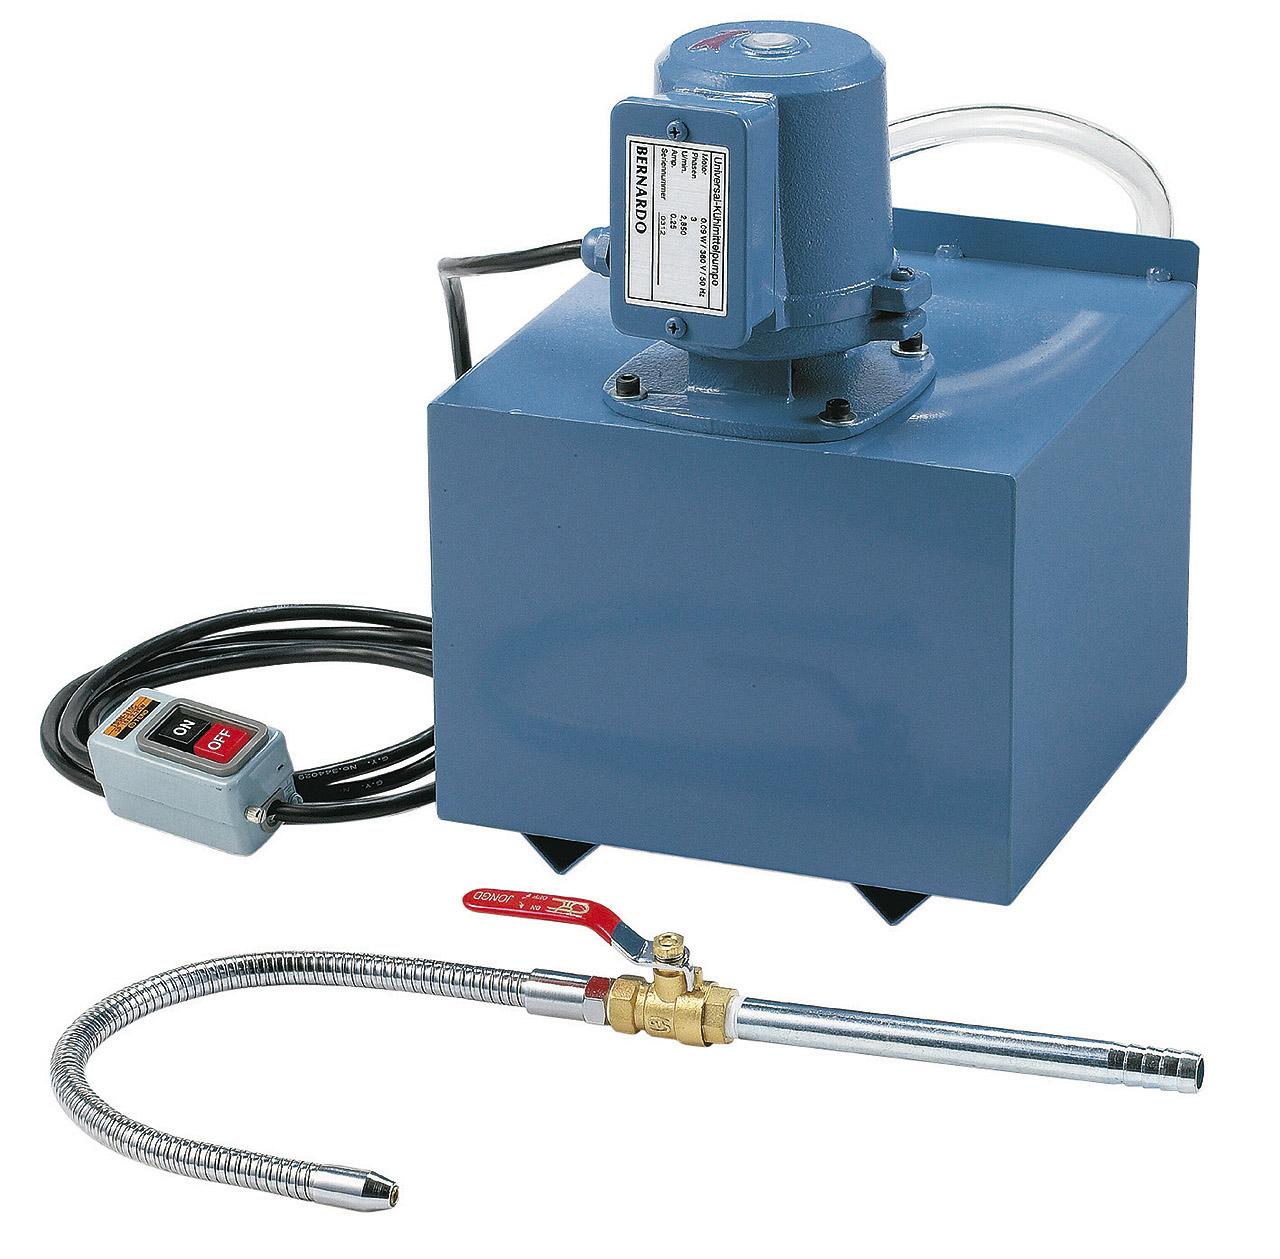 Uniwersalny układ płynu chłodzenia 11 litrów- 400 V BERNARDO